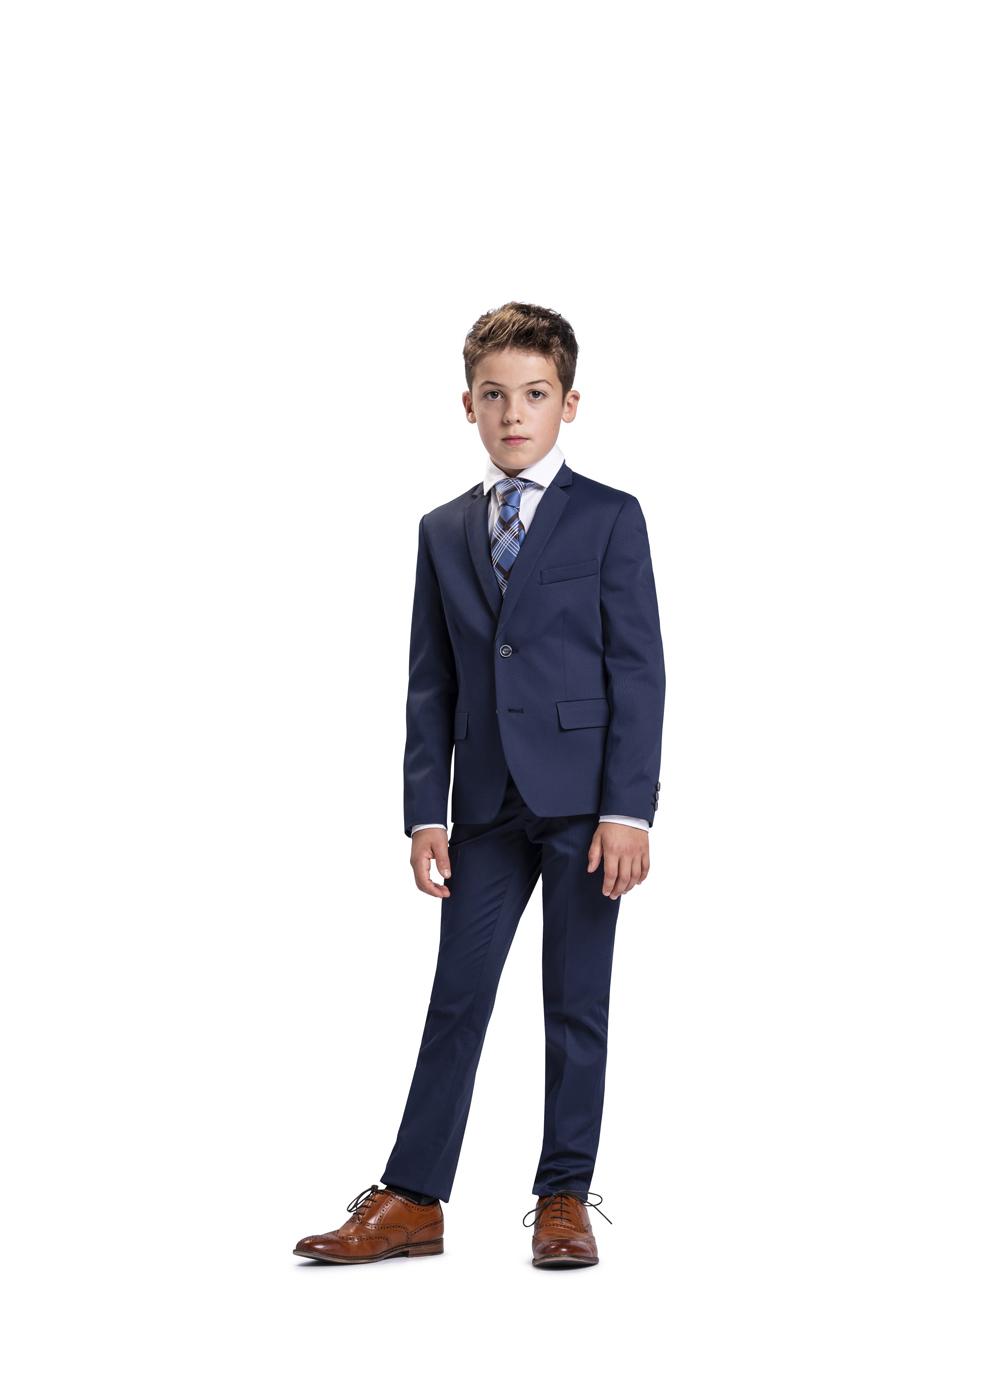 Modisch schicker Kommunionanzug für Jungen von Weise Junior - Modell 751753. Klassisch aufgemachter blauer Anzug mit braunen Lederschuhen kombiniert.